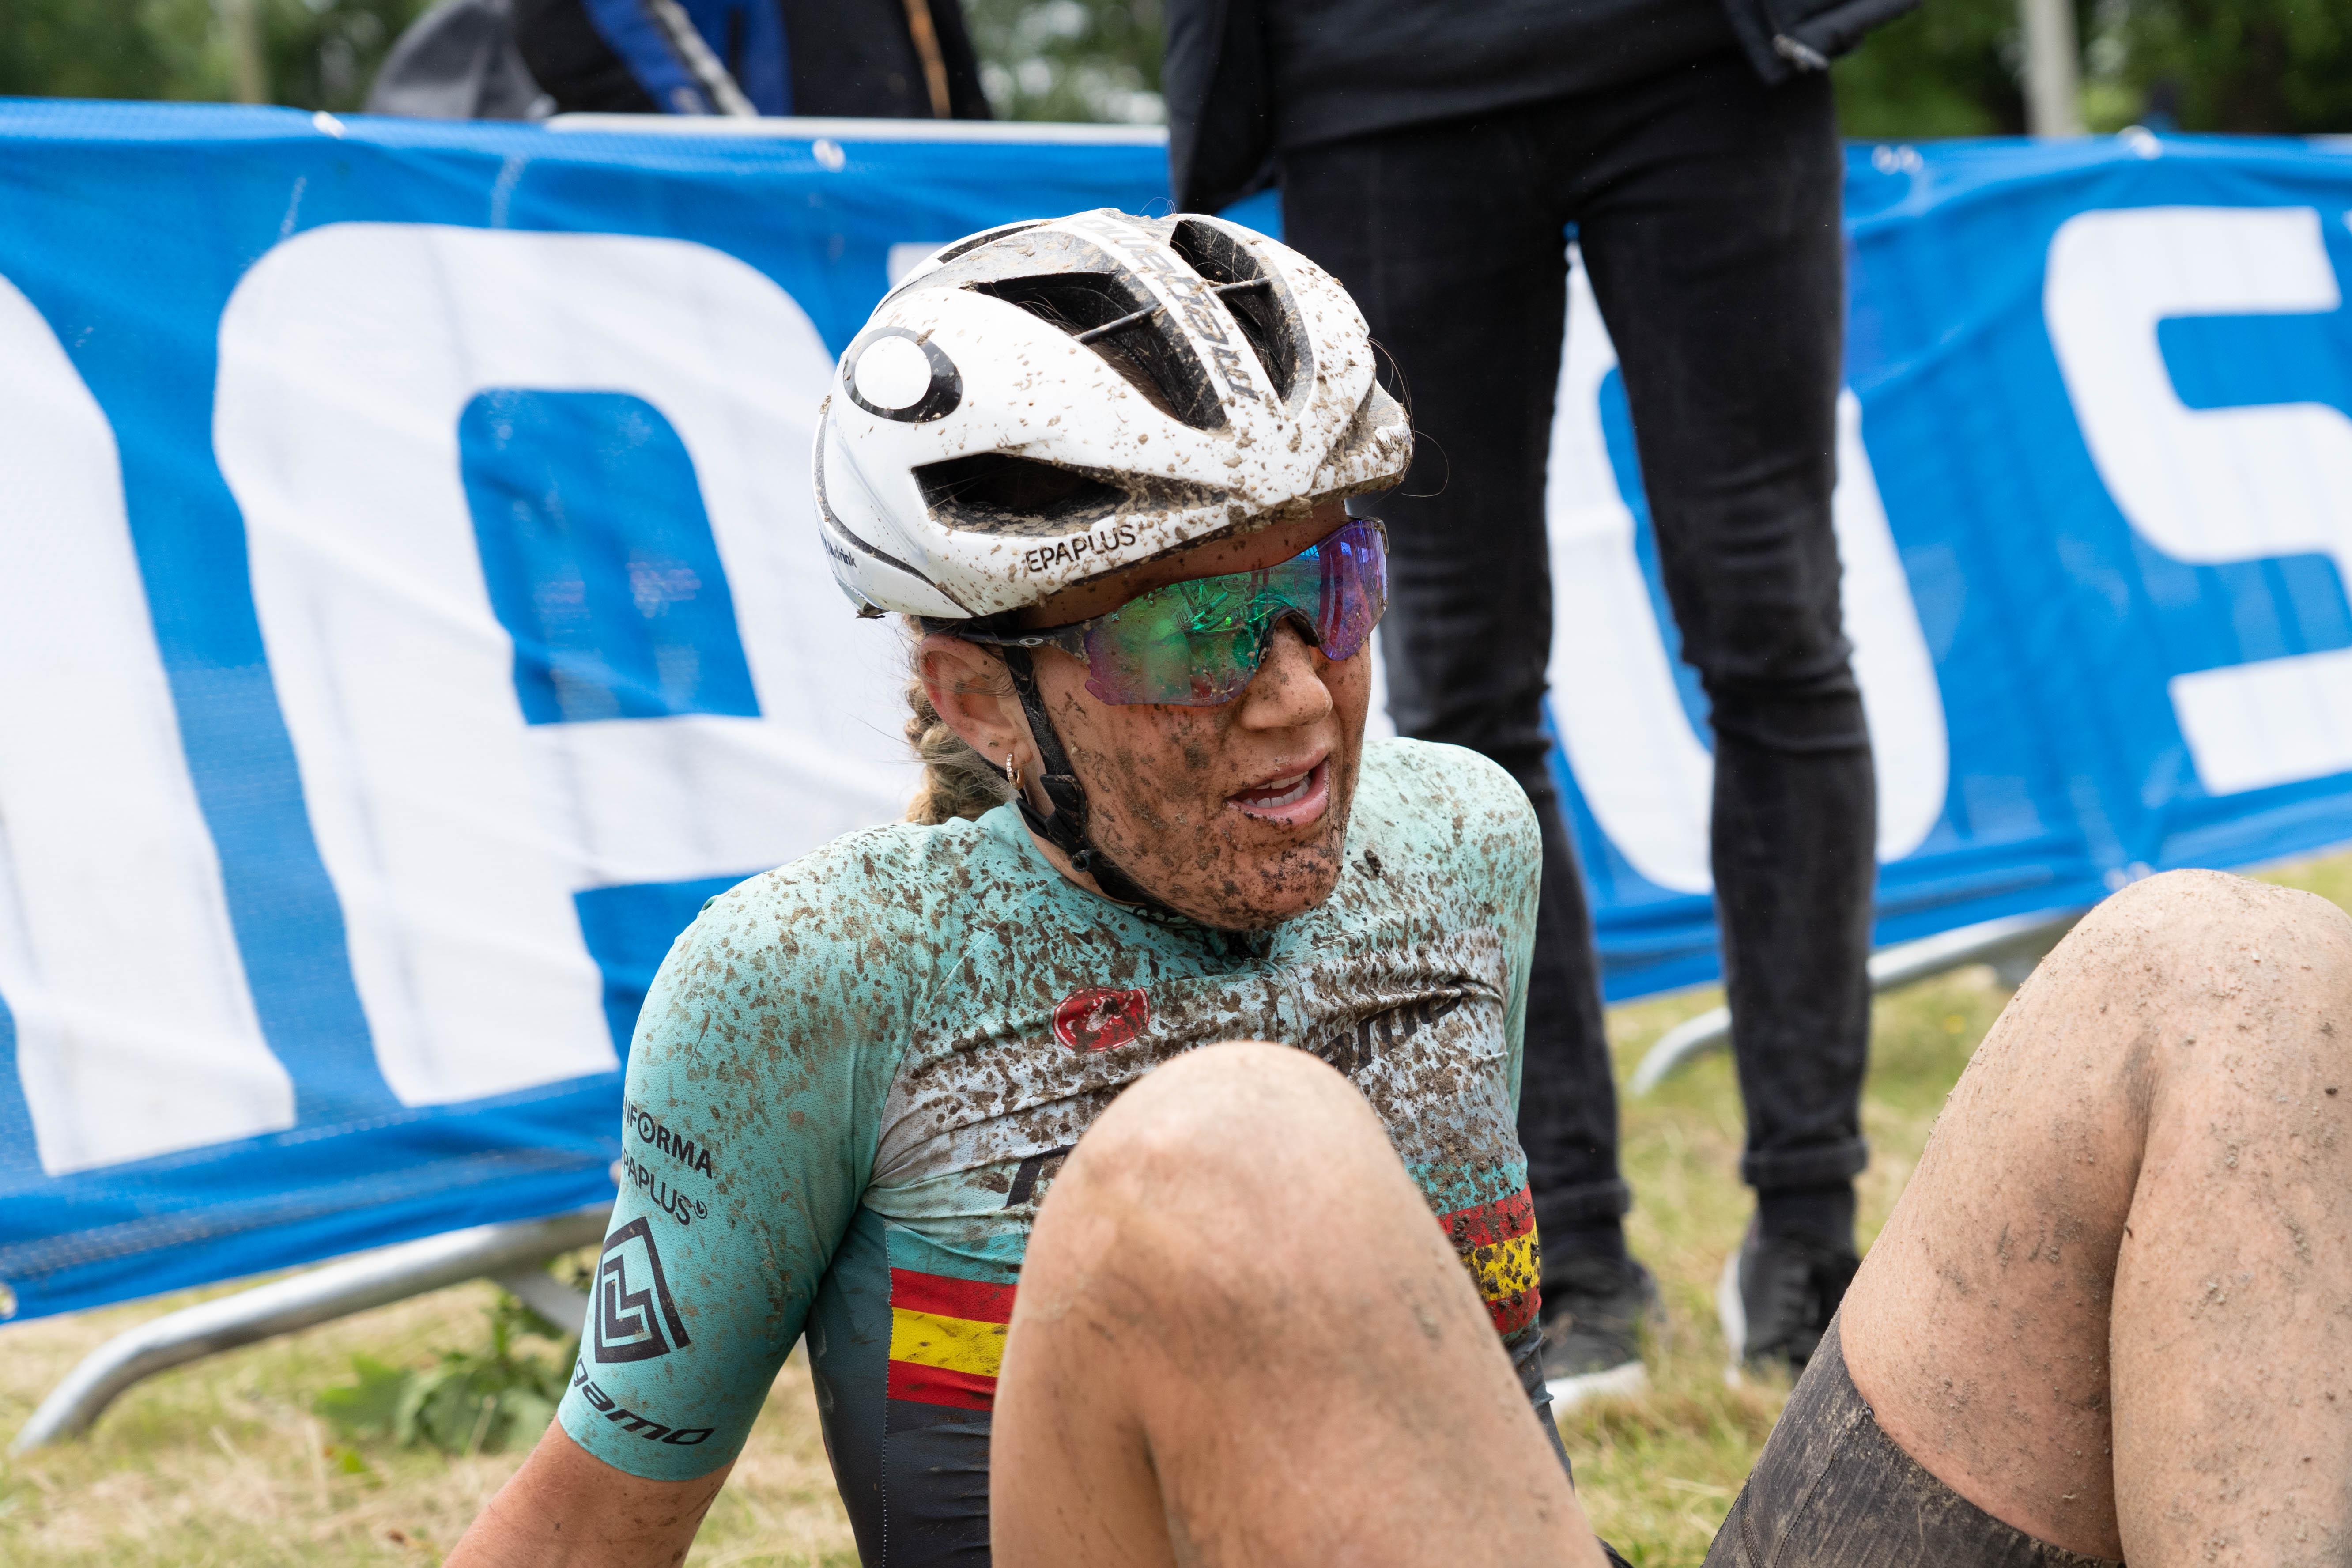 La Compex Ahtlete Claudia Galicia obligada a retirarse de la MMR Asturias Bike Race 2019 por problemas estomacales